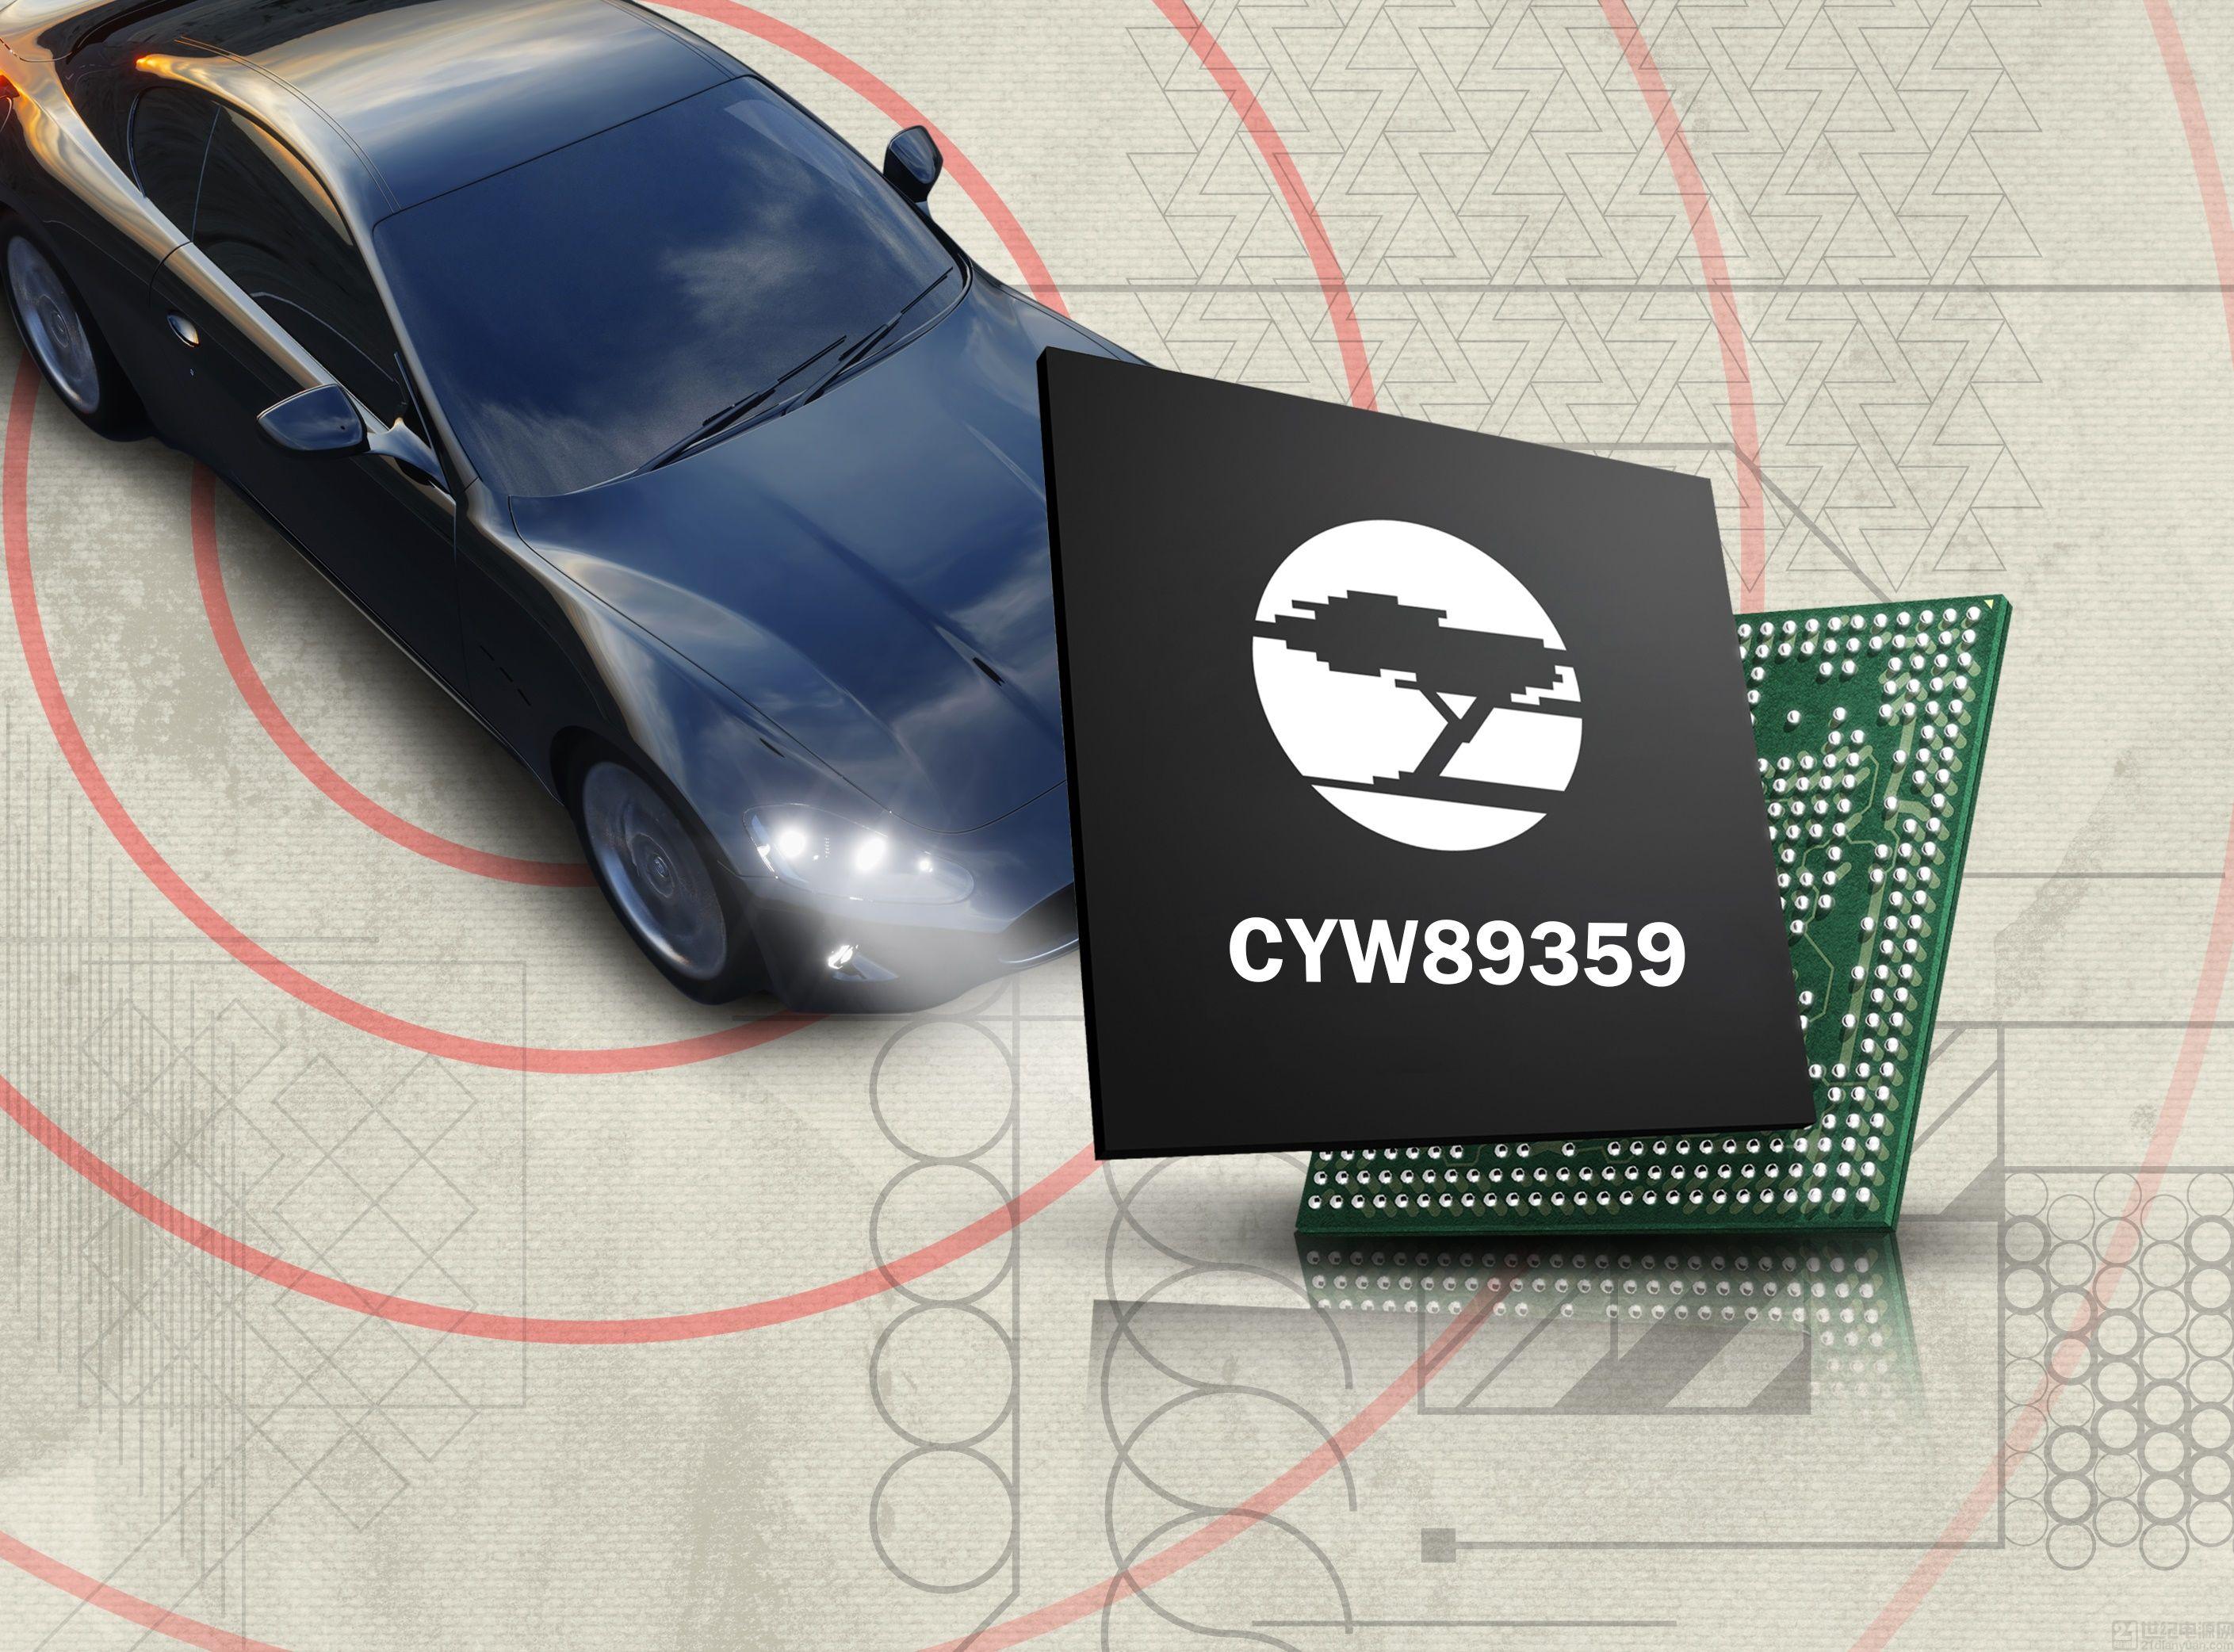 日本先锋公司的车载信息娱乐系统采用赛普拉斯的Wi-Fi®和蓝牙®Combo解决方案